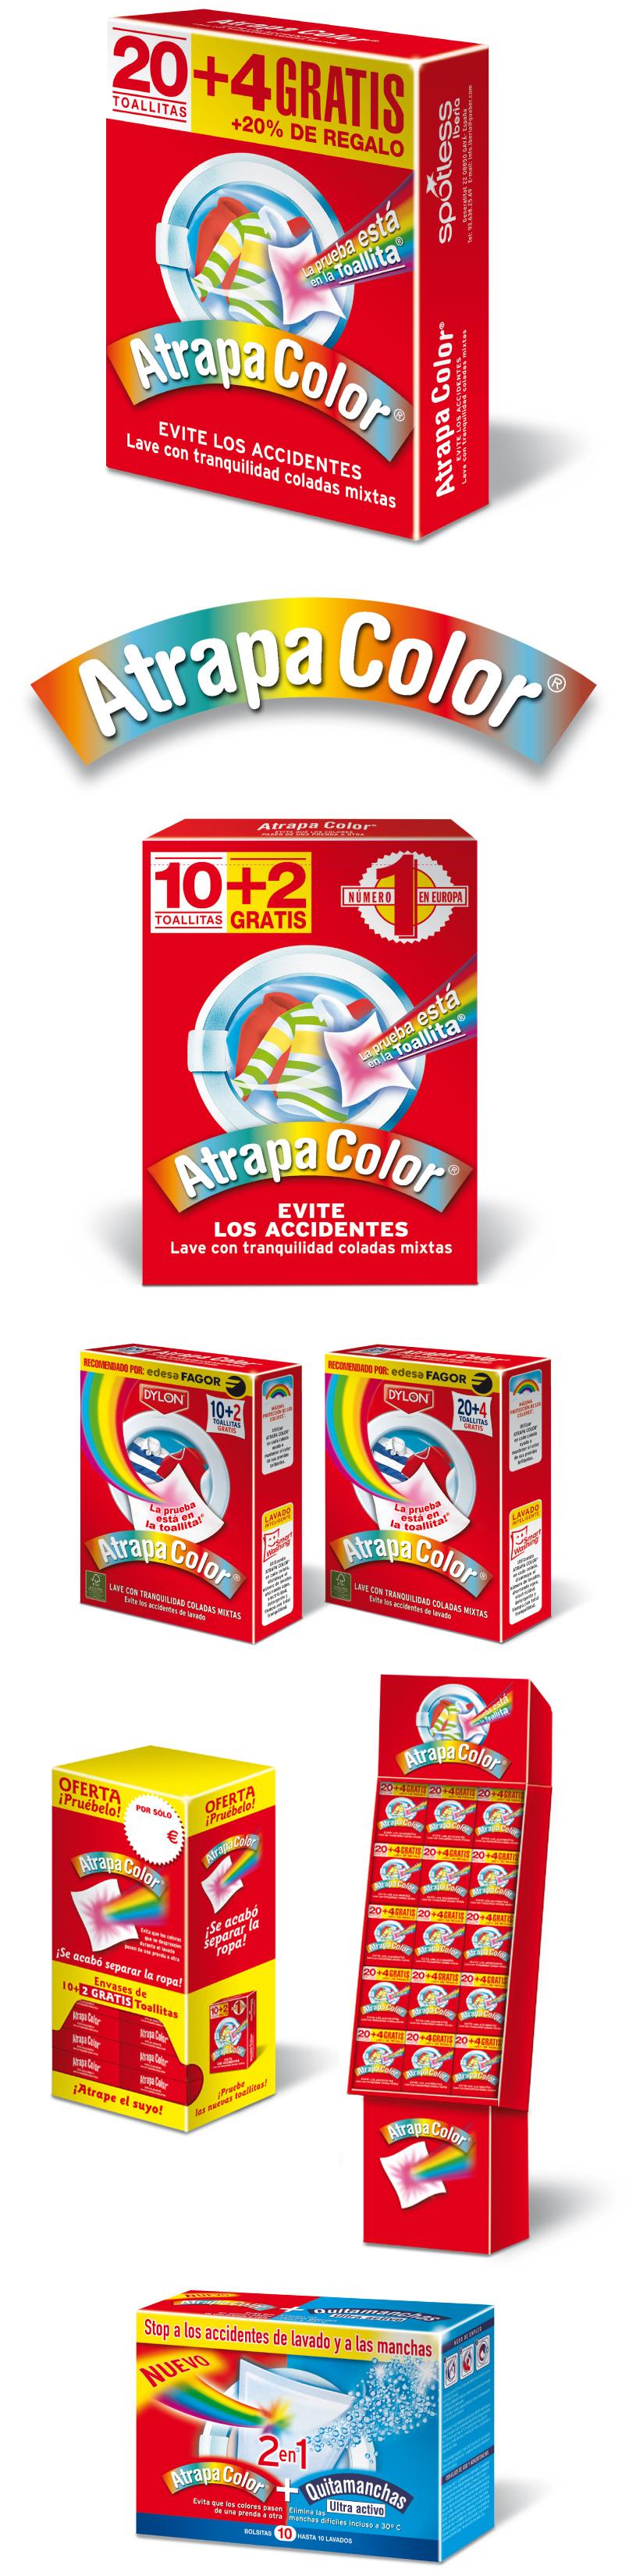 Logotipos y packaging de la marca de limpieza Atrapacolor